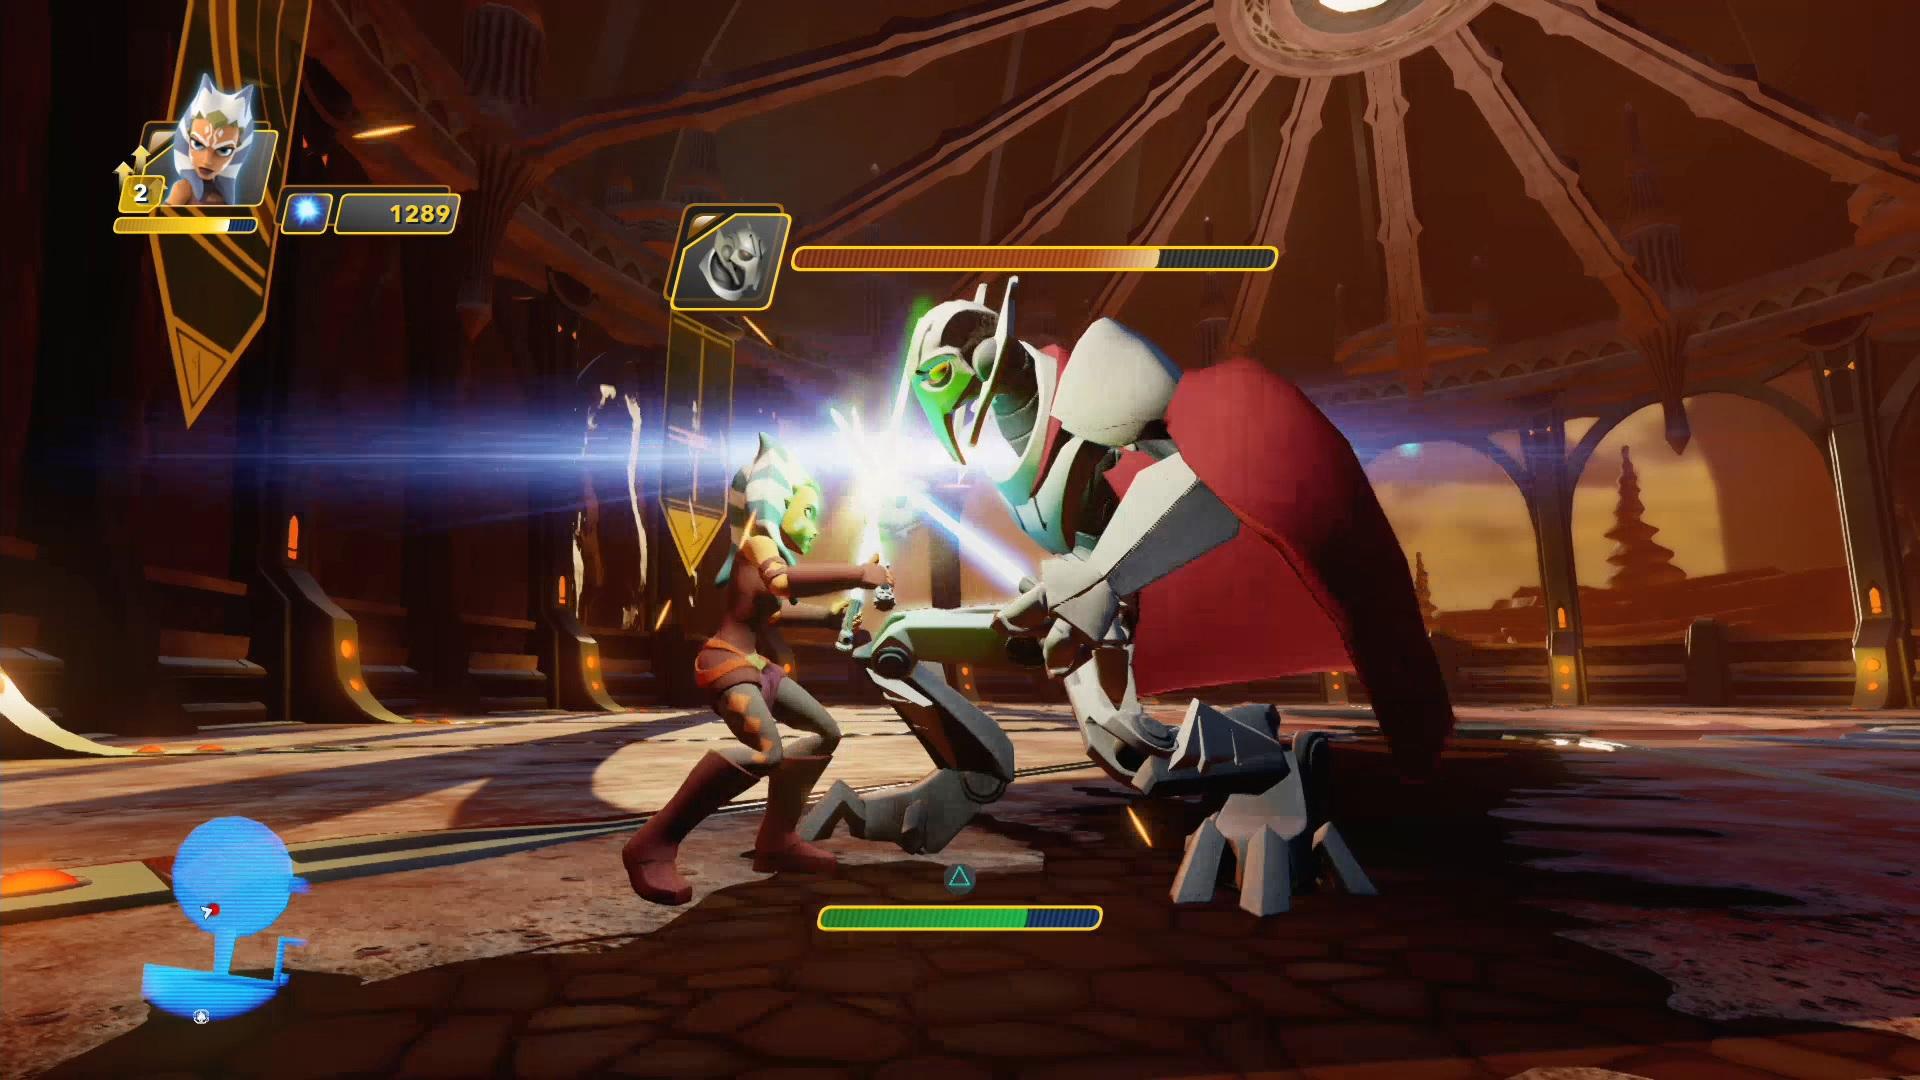 Das Kampfsystem ist super leicht für Einsteiger mit genügend Tiefgang für Fortgeschrittene.